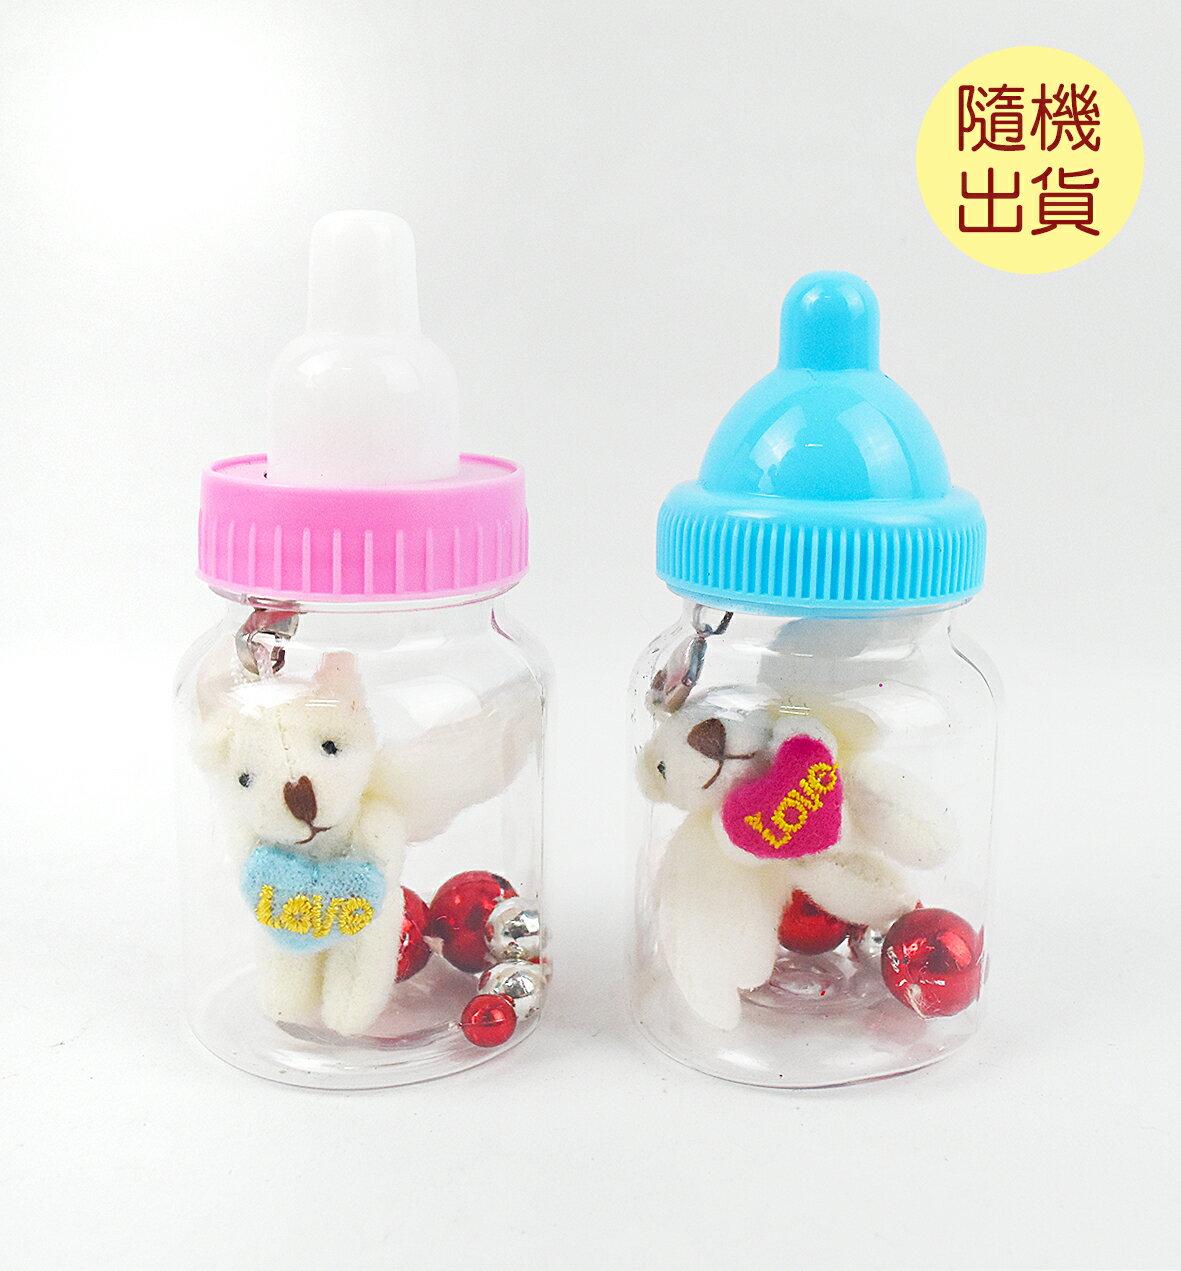 X射線【Y040006】奶嘴-娃娃組(不挑色),糖果襪/糖果罐/聖誕節/交換禮物/婚禮小物/兒童節/禮物/奶瓶